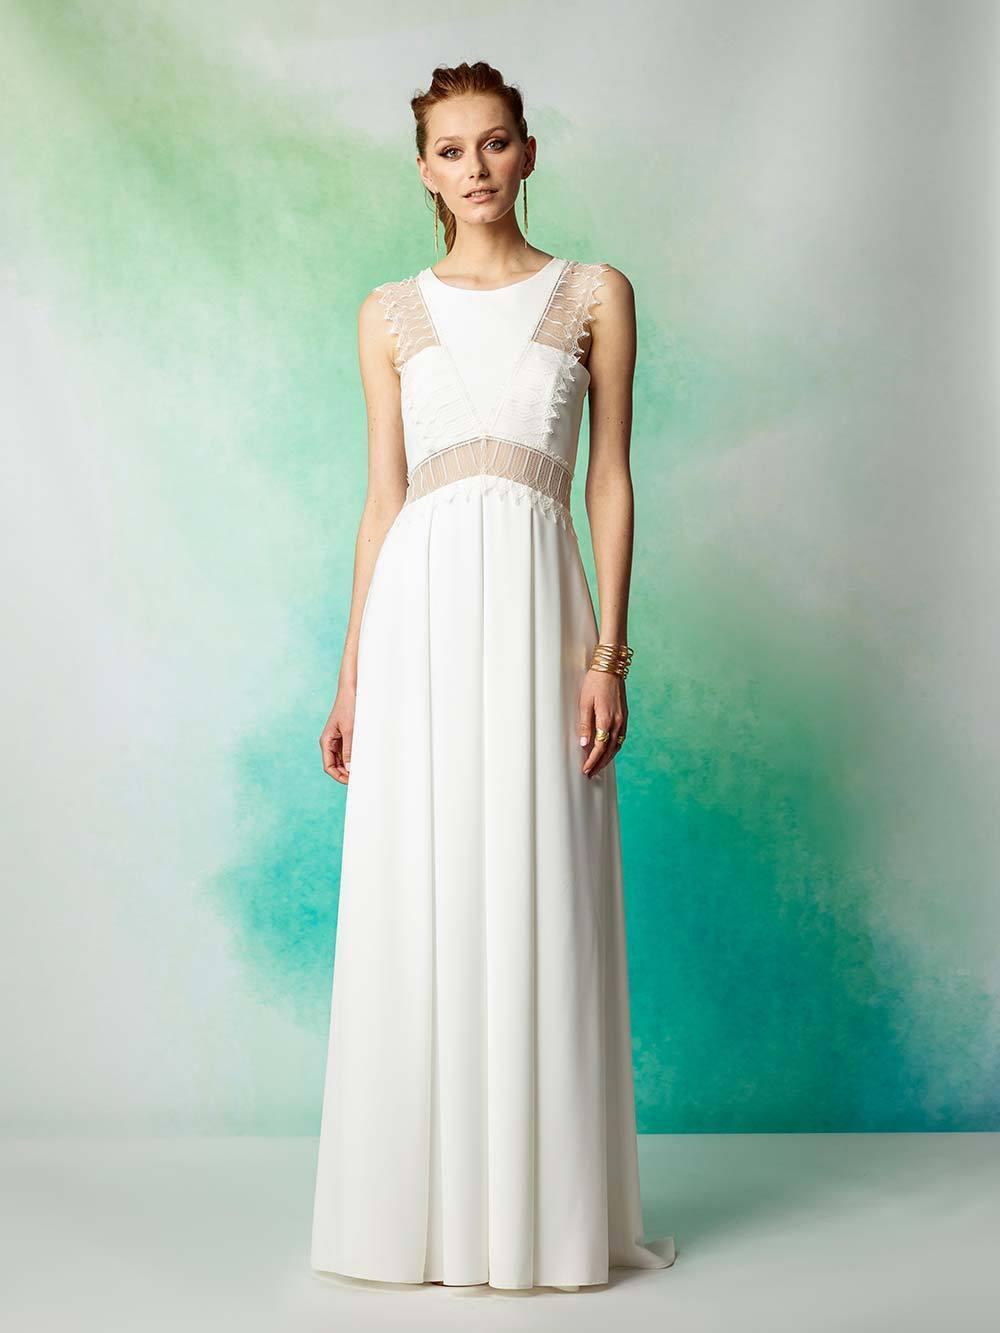 Brautkleid Bjork von Rembo Styling auf Jade